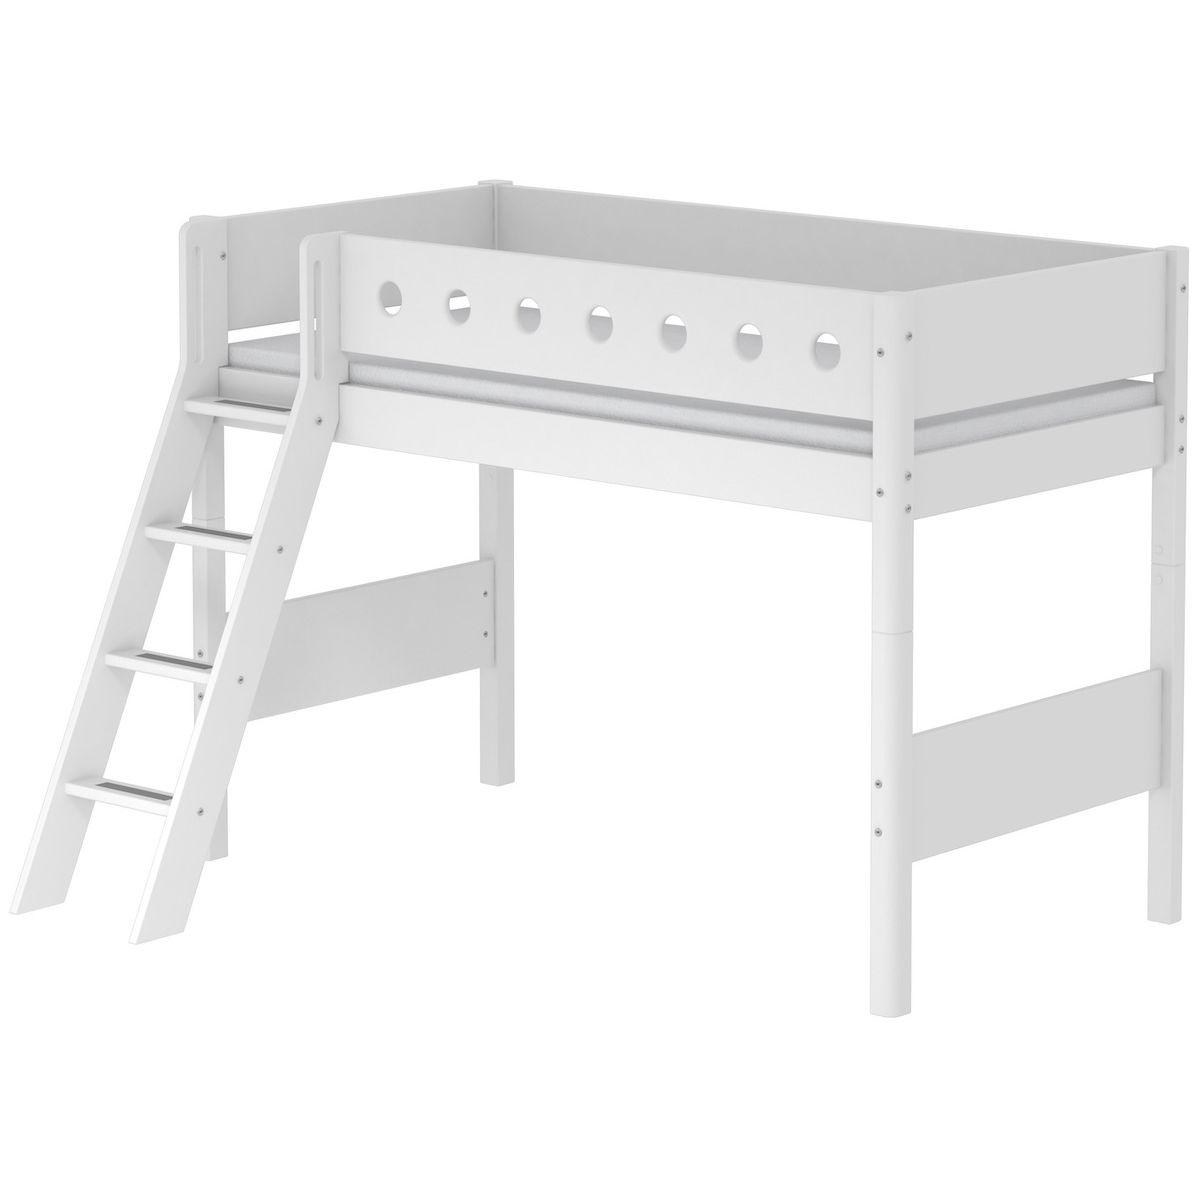 Halbhohes Bett 90x190cm + Schrägleiter WHITE Flexa weiß-weiß